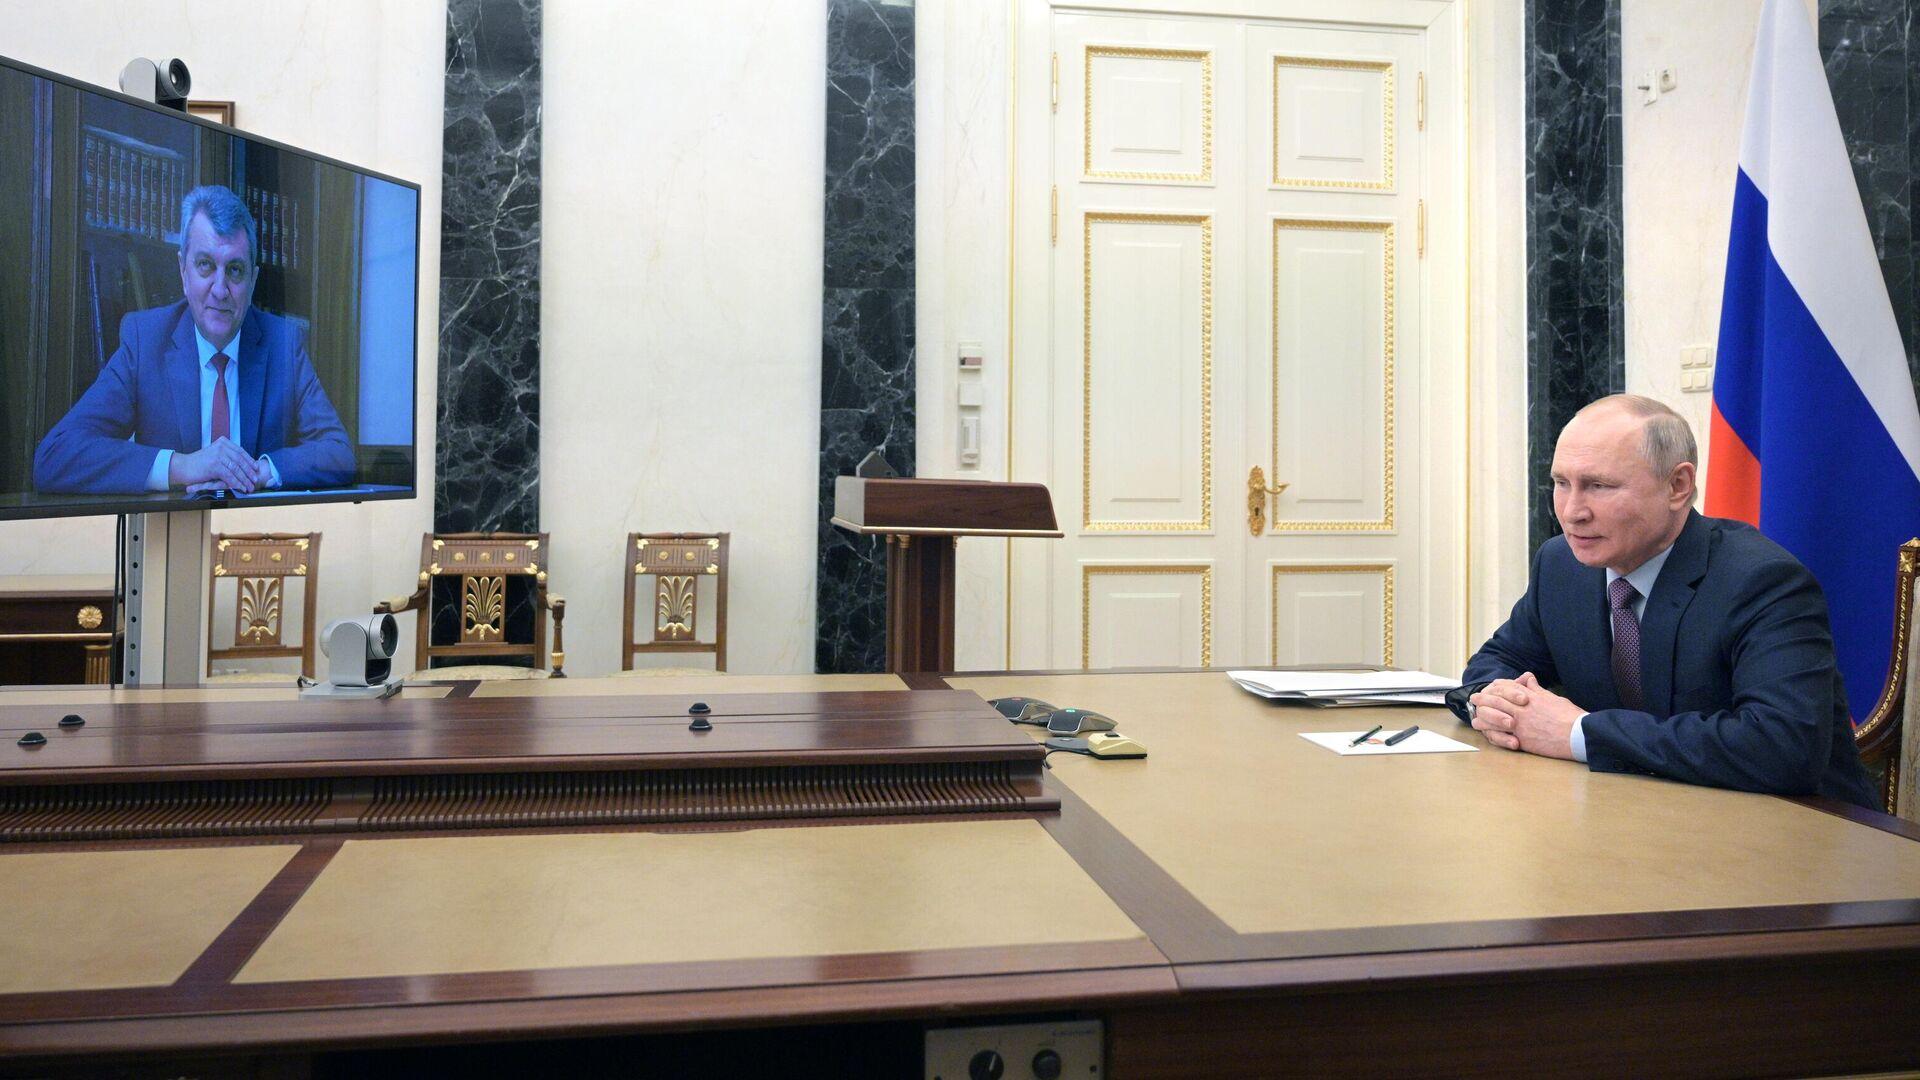 1727557472 155:330:3209:2048 1920x0 80 0 0 cf24d335d2cf70cc622041082e6d66d0 - Путин поручил рассмотреть финансирование энергоинфраструктуры в СЗПК